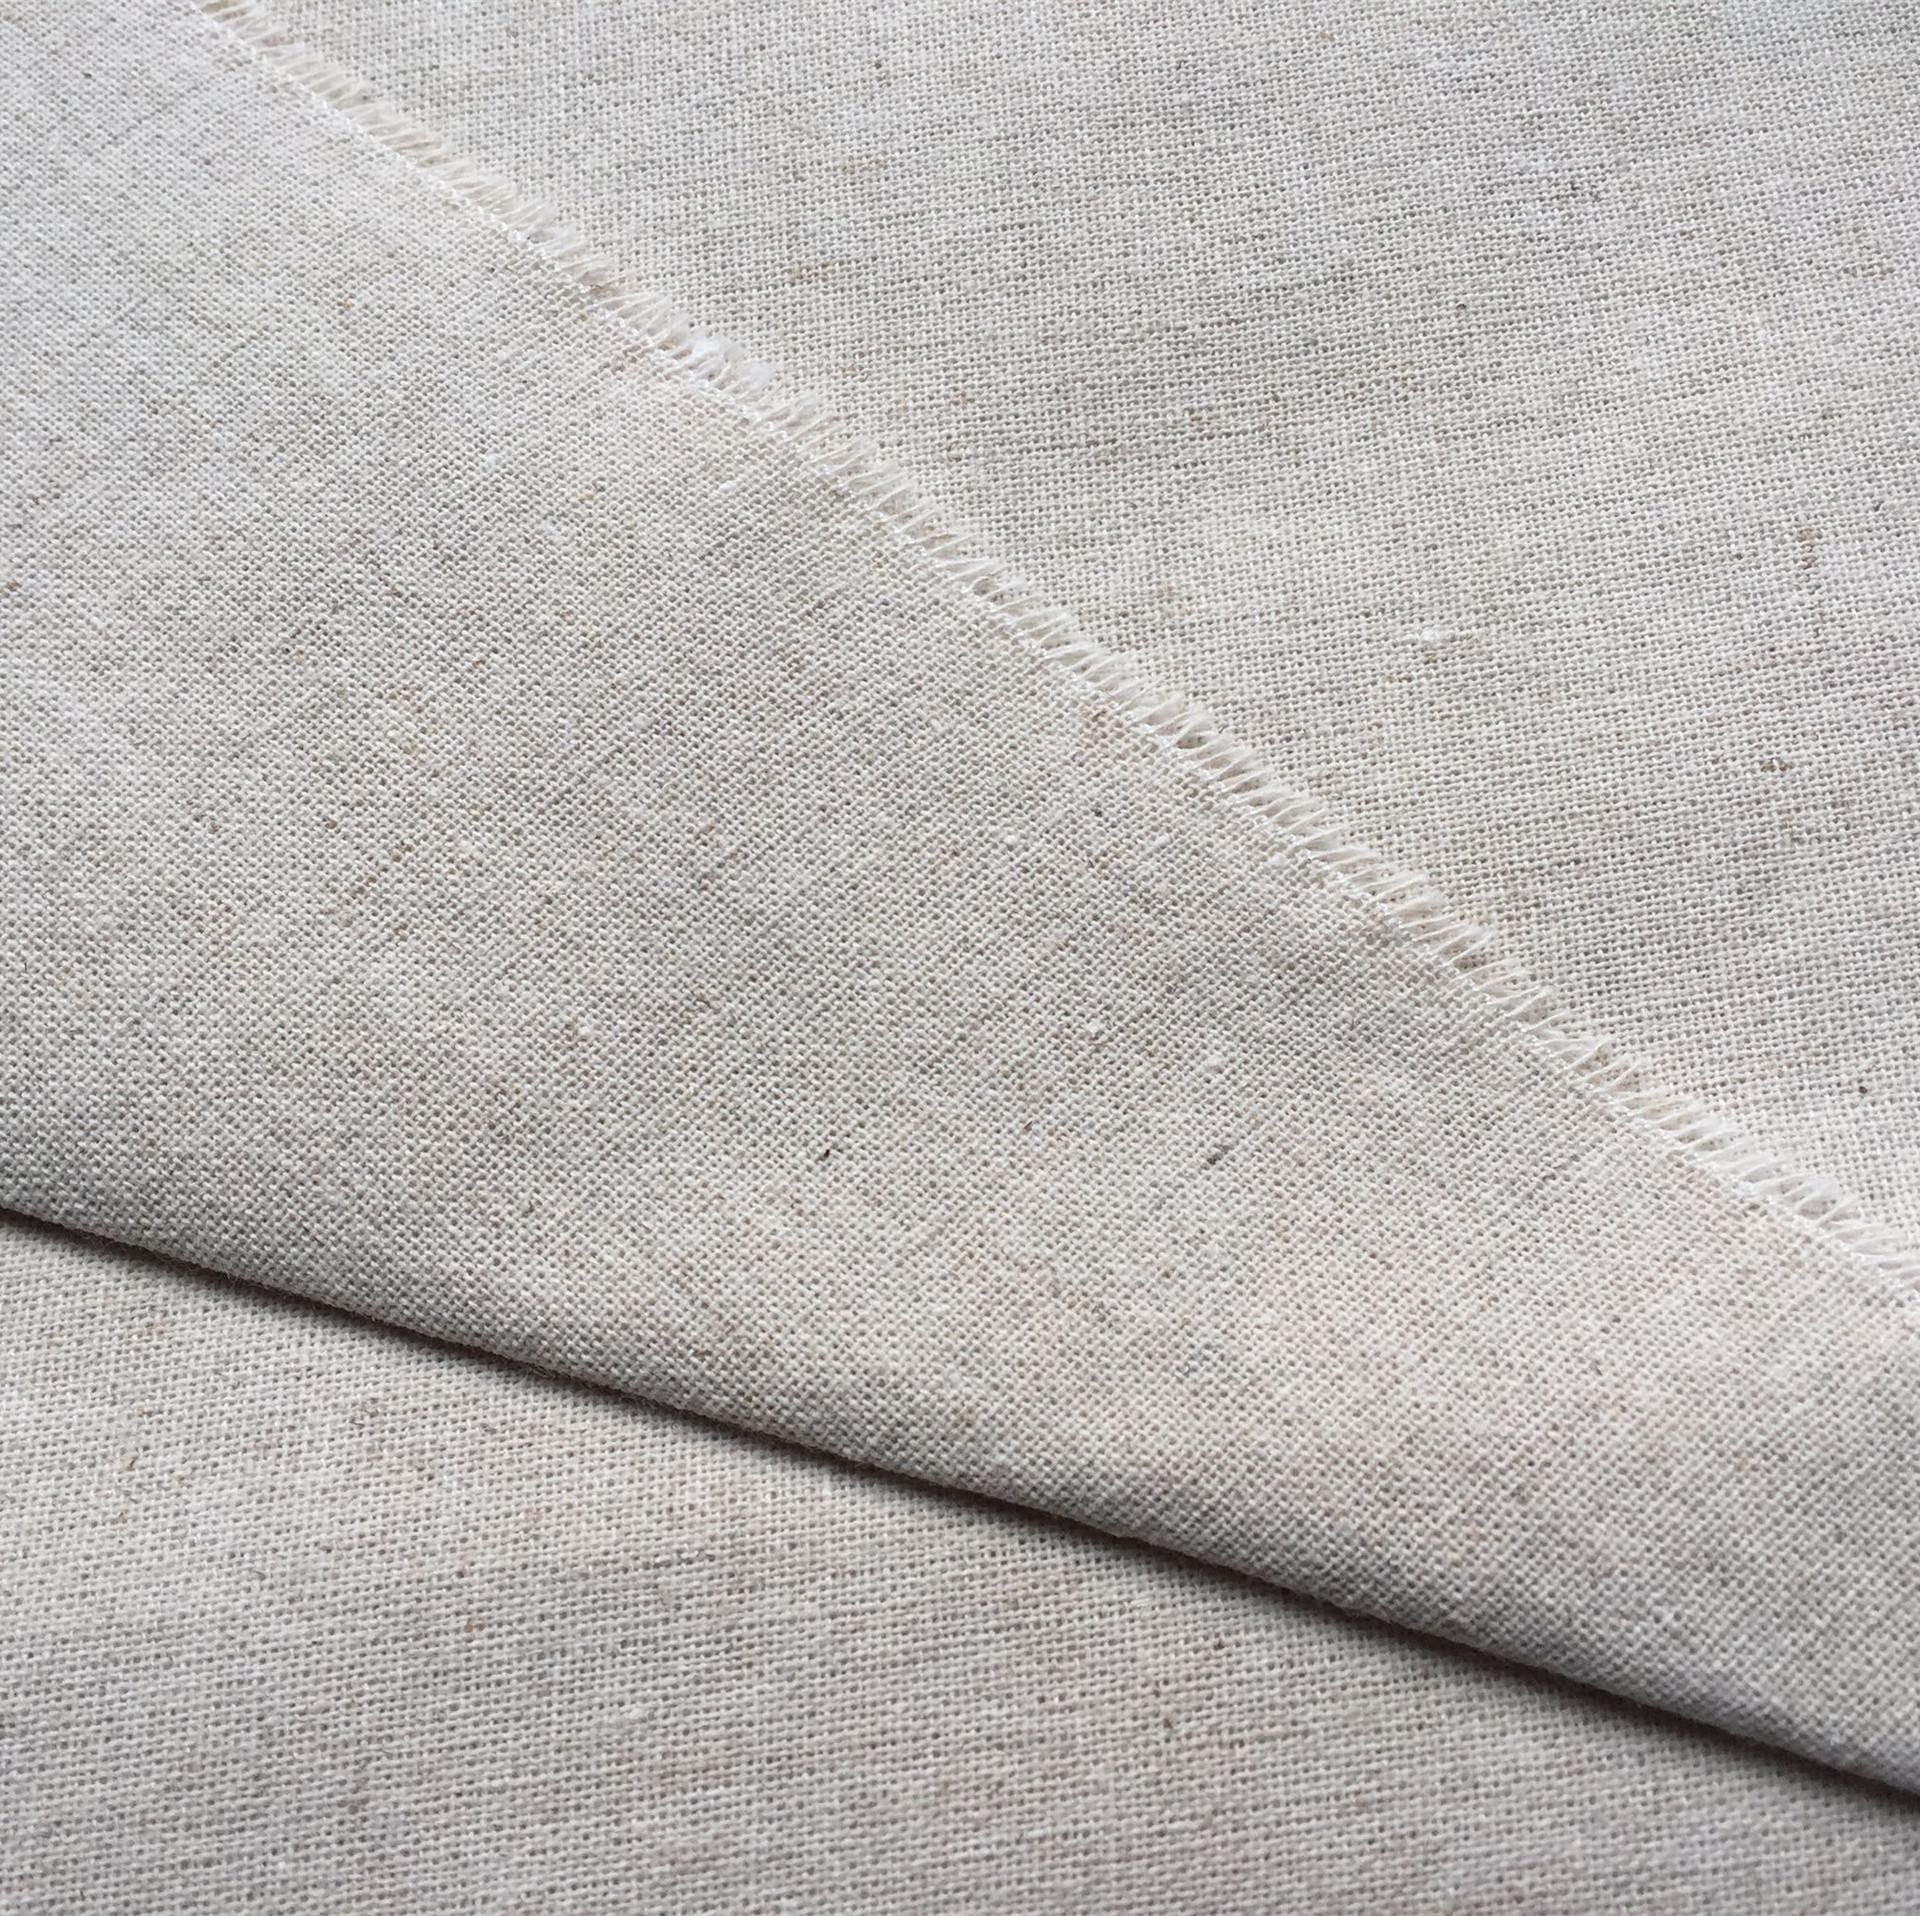 HAODU Vải Hemp mộc Màu gốc gai dầu vải gai dầu màu tự nhiên gai dầu vải vải cát phát hành bao bì sơn